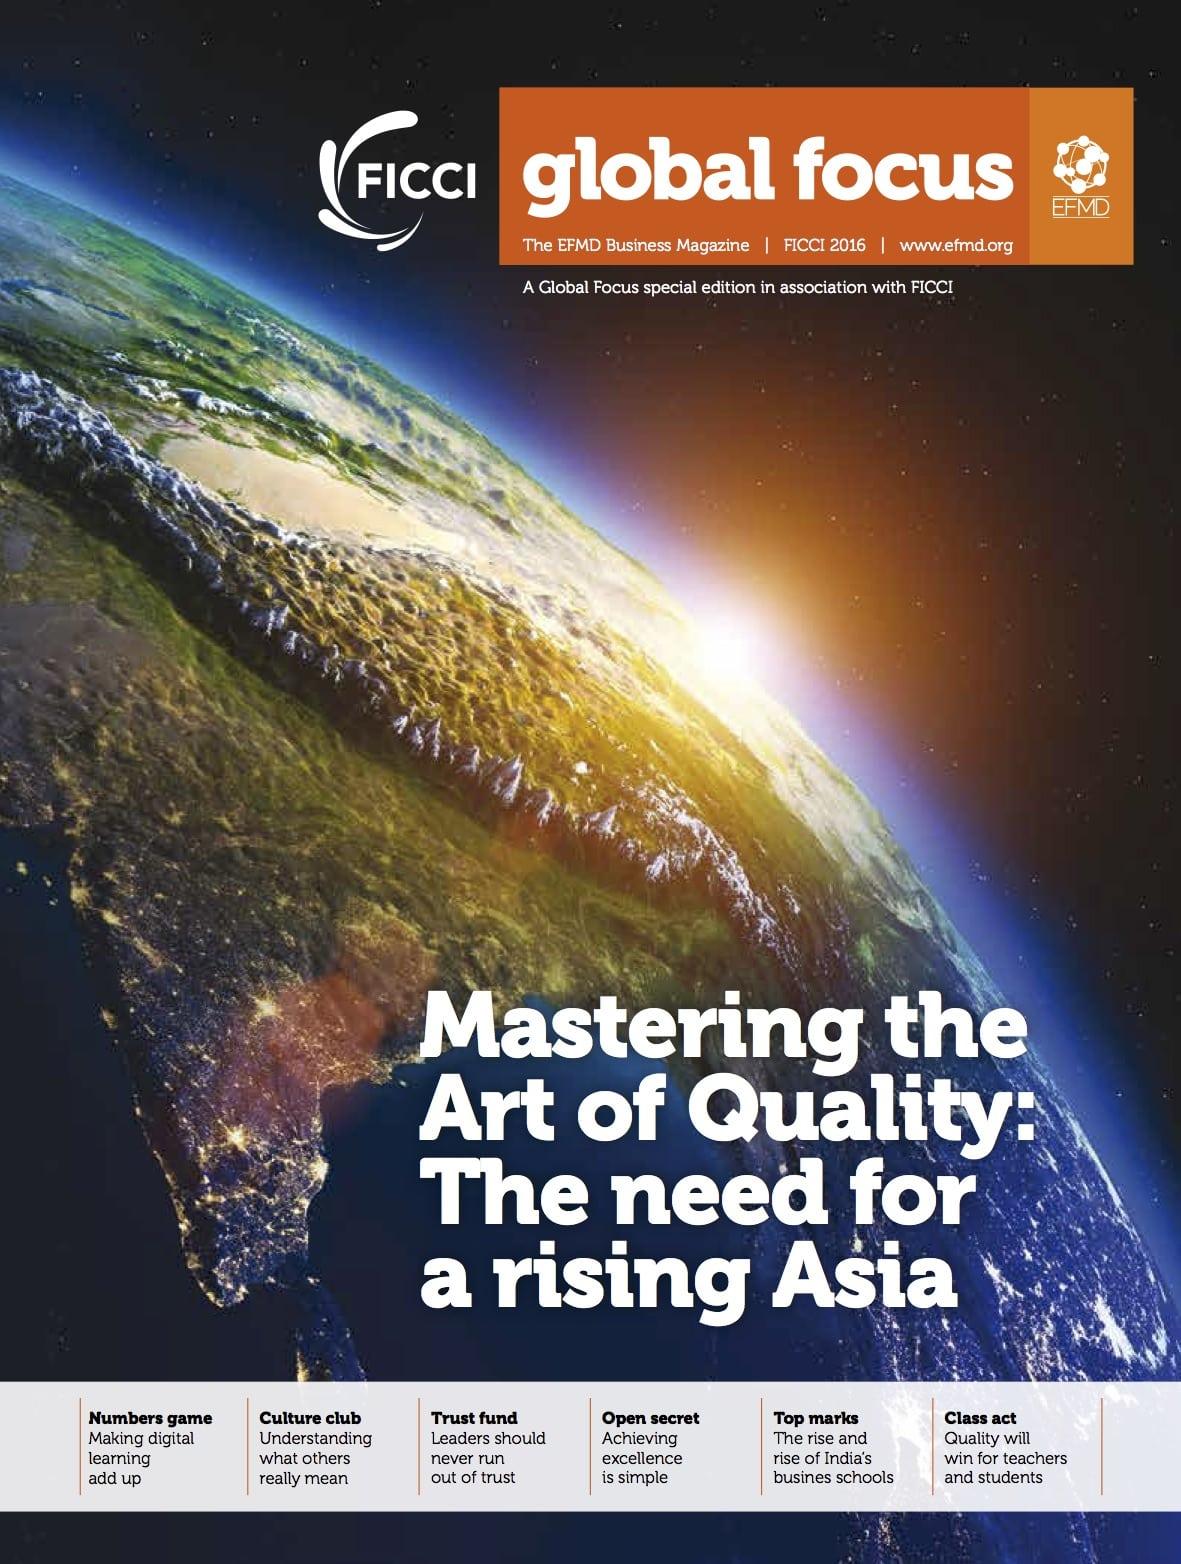 http://globalfocusmagazine.com/wp-content/uploads/2016/11/EFMD-Global-Focus_FICCI_2016_ONLINE.pdf